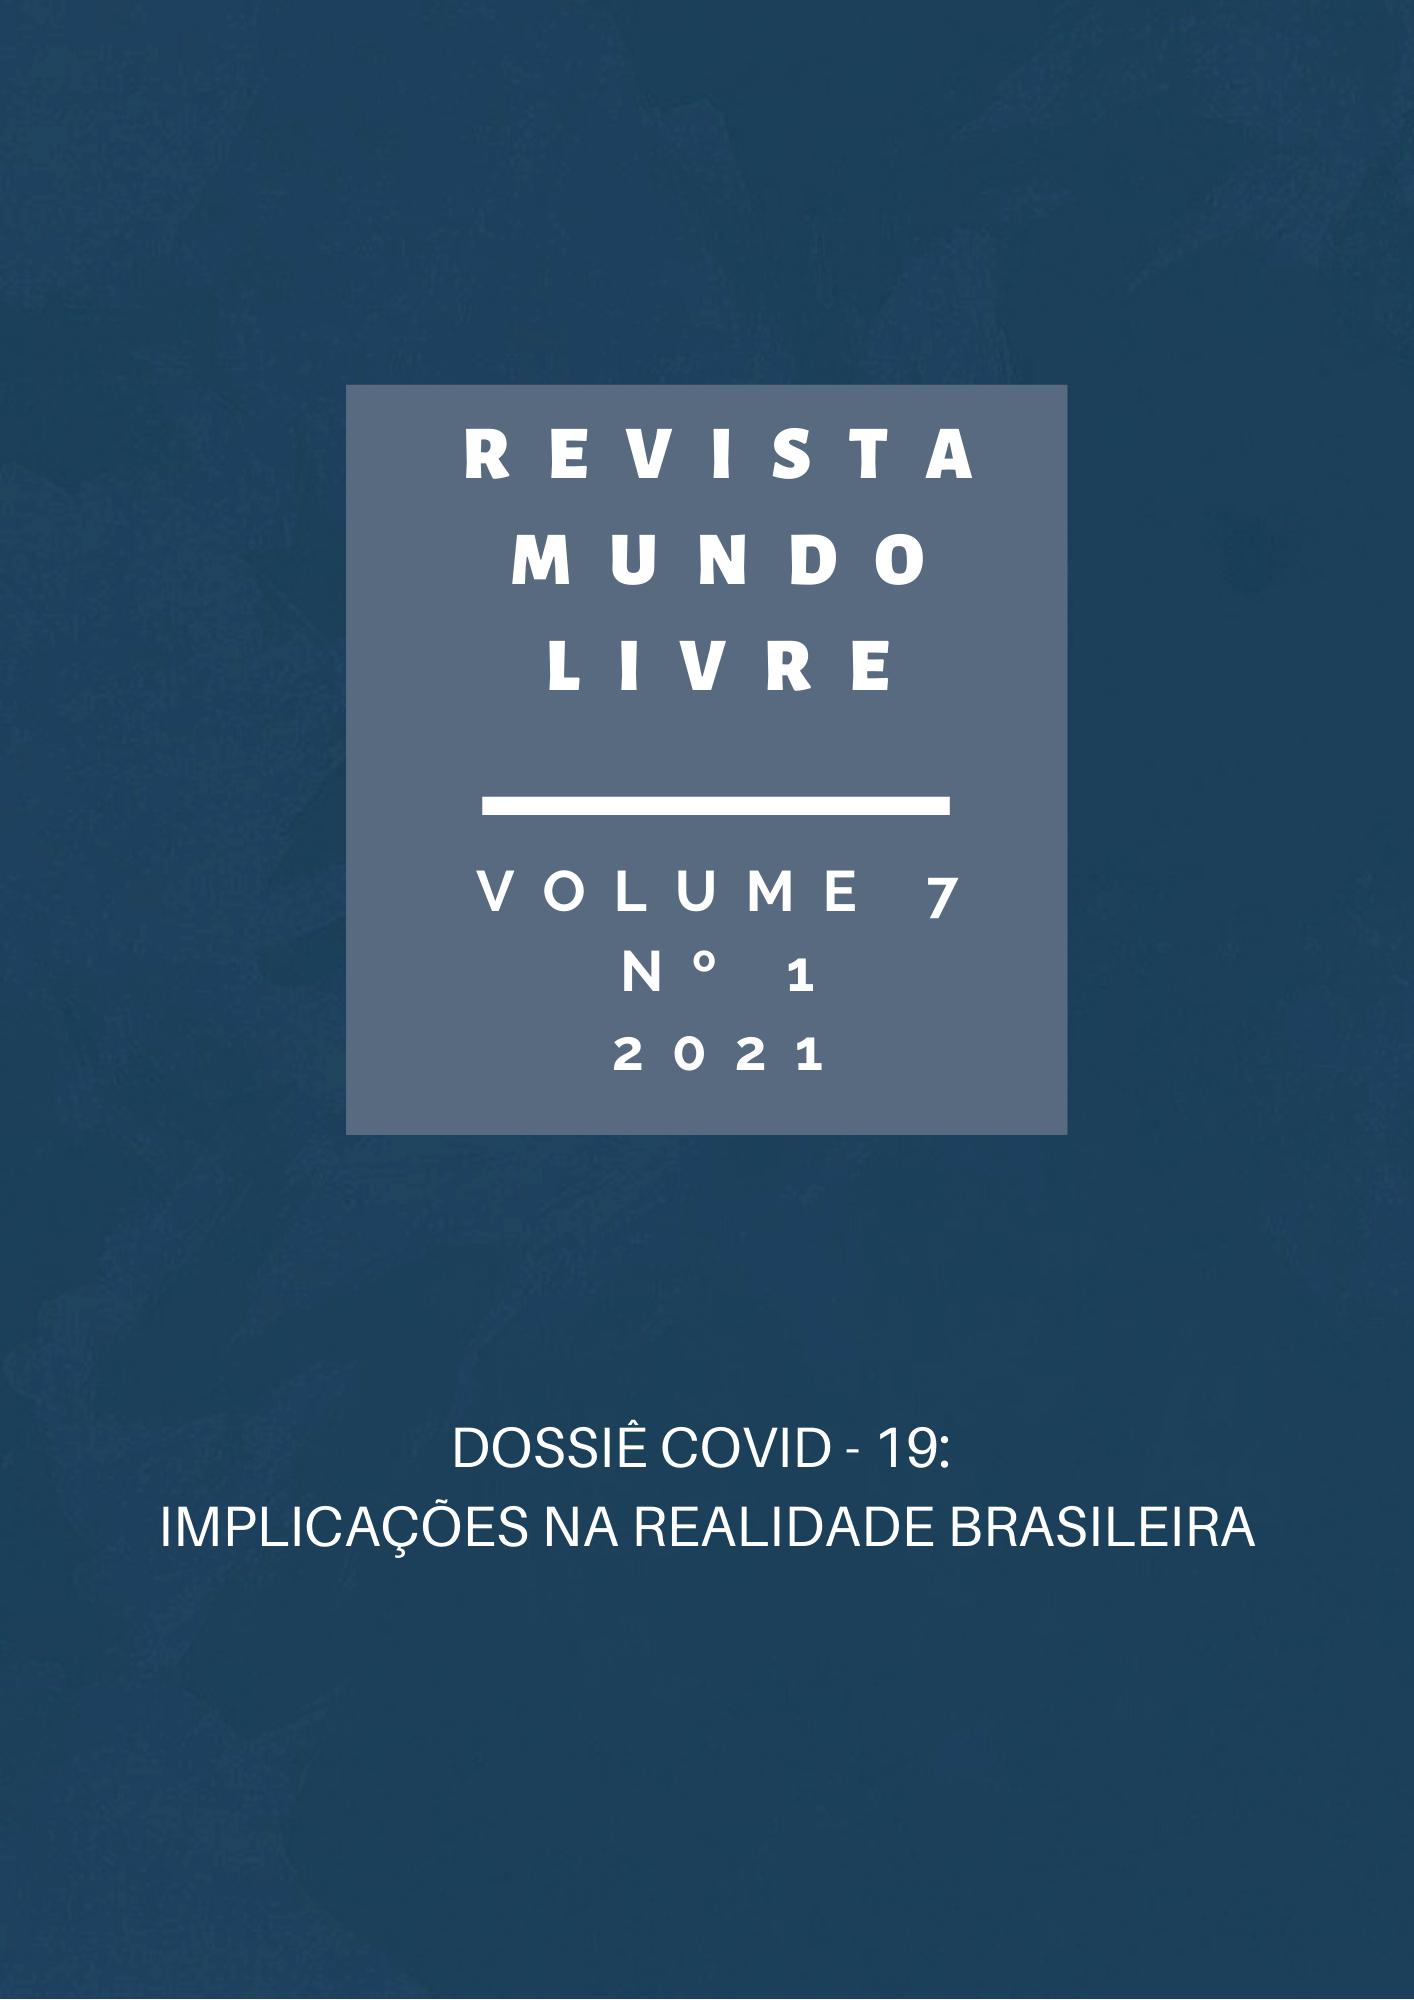 """Capa da revista mundo livre """"Dossiê Covid-19: Implicações na realidade brasileira"""""""